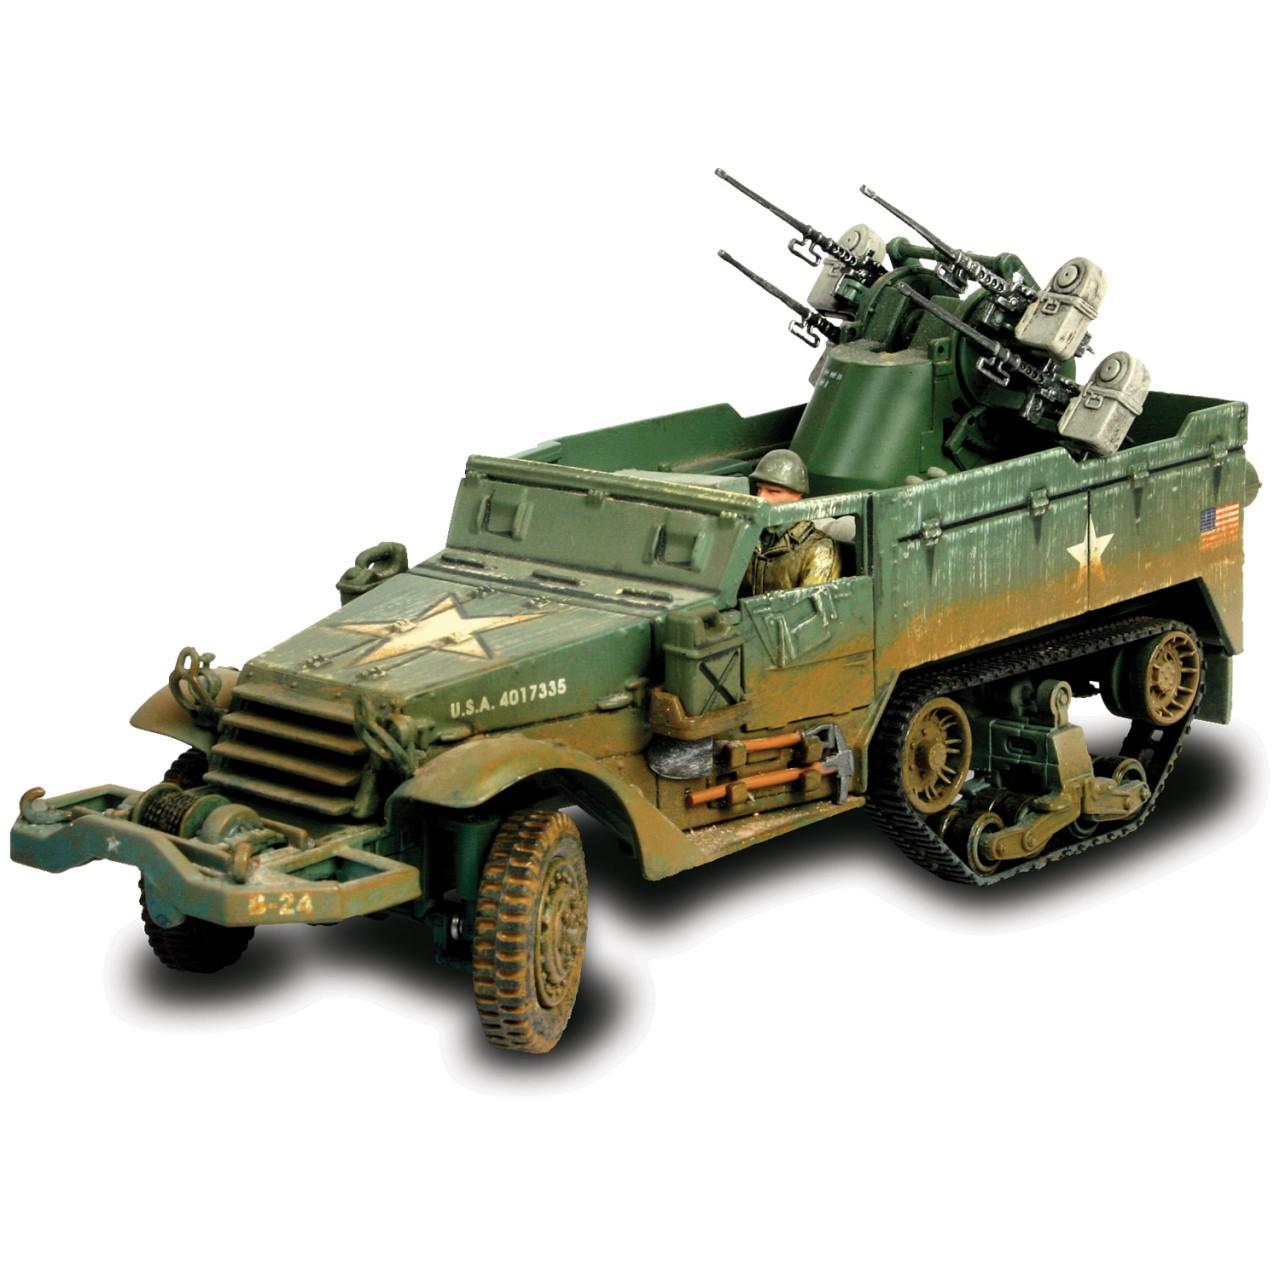 Коллекционная модель - танк M16 Multiple Gun Motor Carriage, США, 1:32Военная техника<br>Коллекционная модель - танк M16 Multiple Gun Motor Carriage, США, 1:32<br>